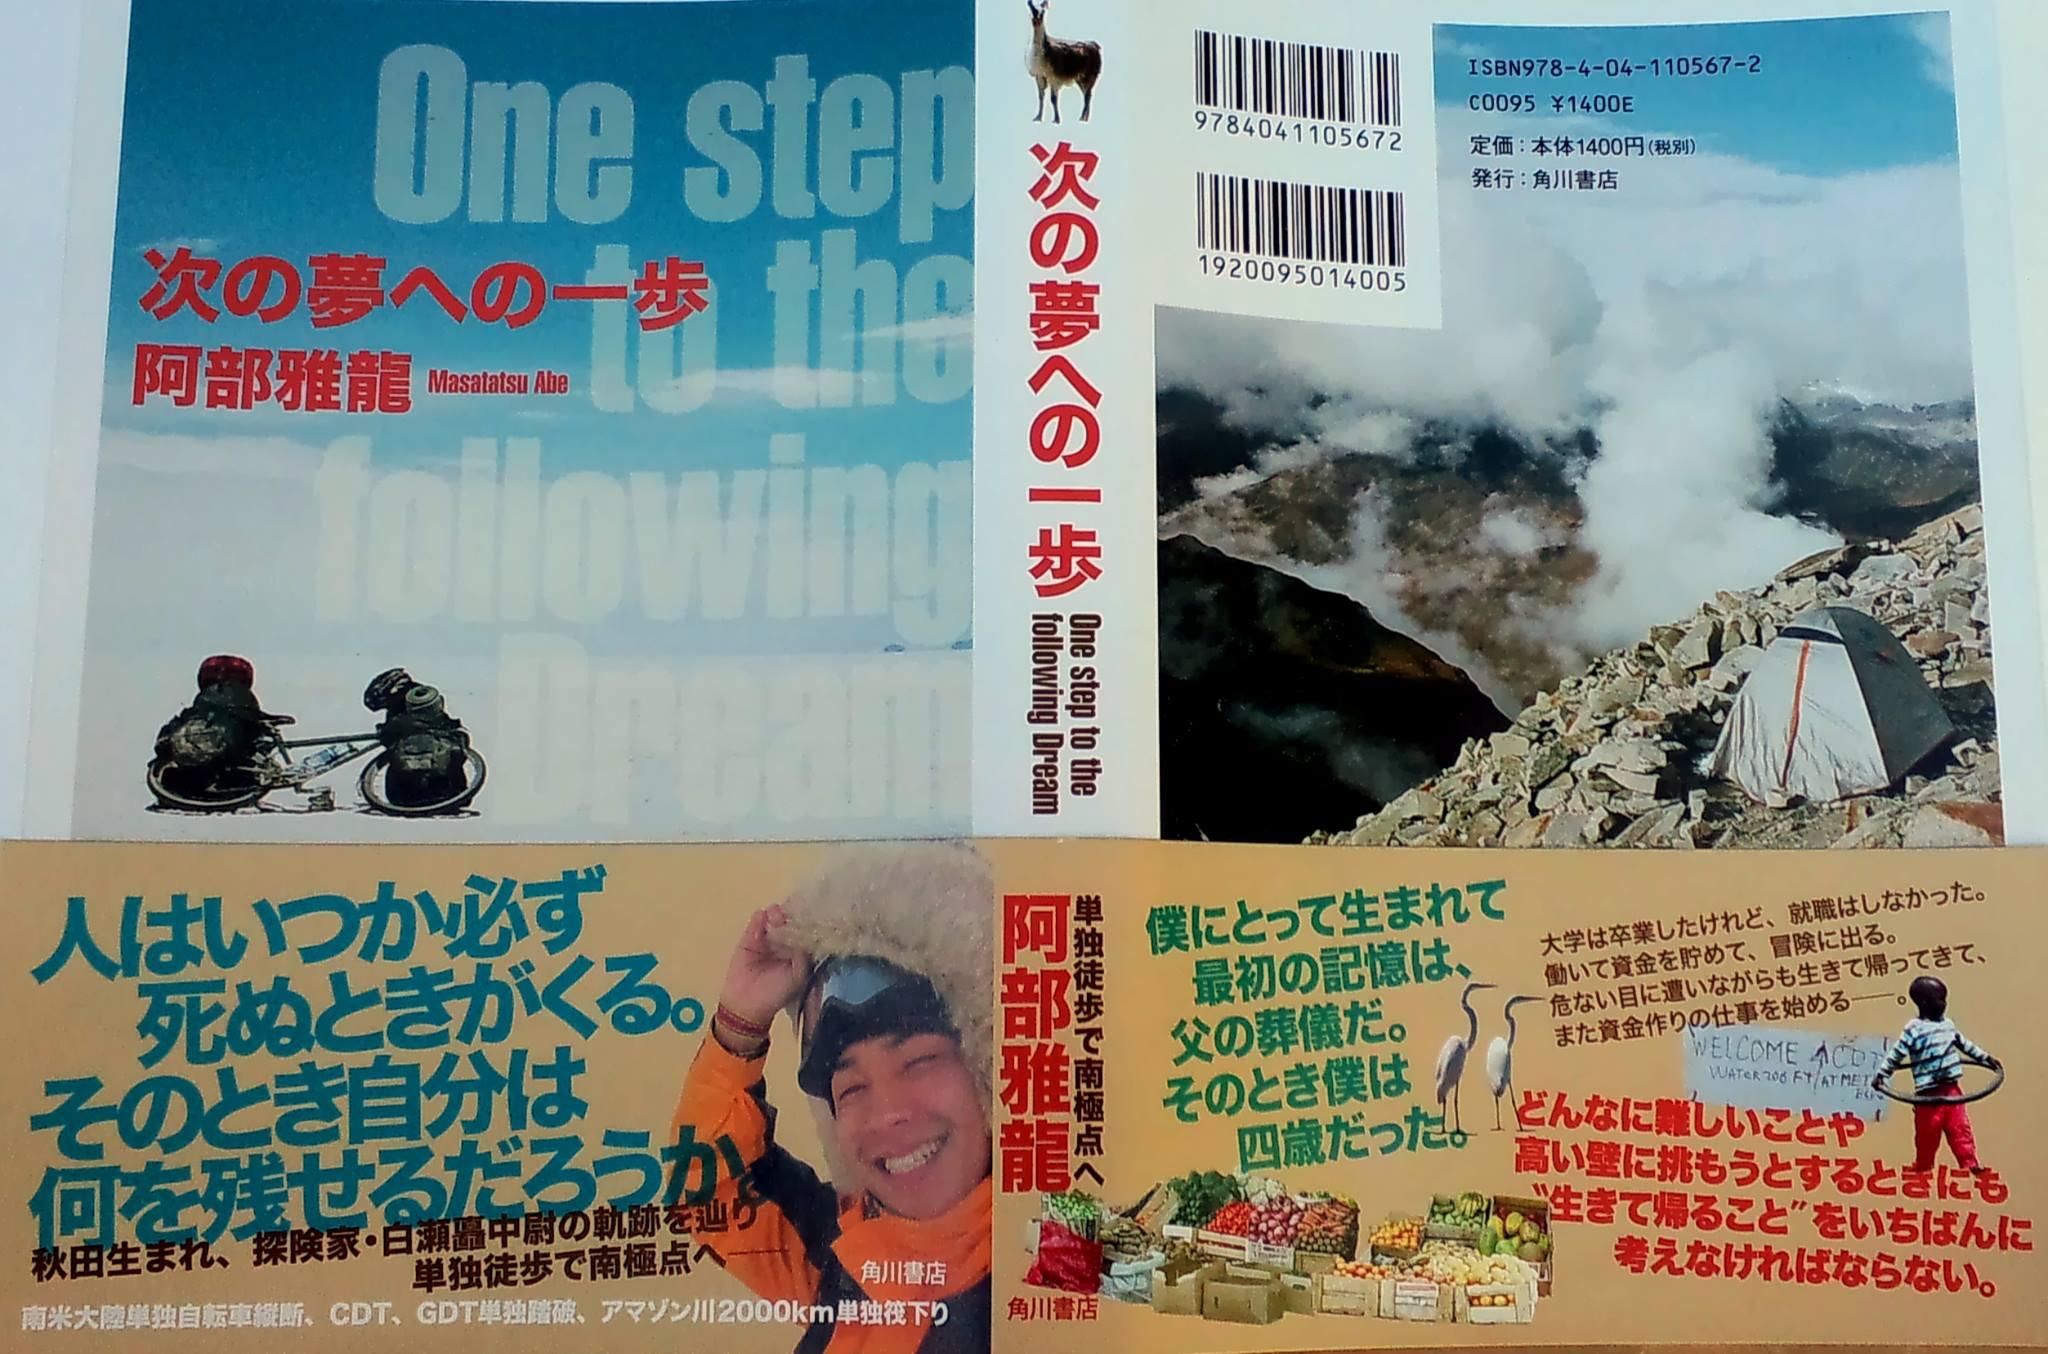 『次の夢への一歩』著:阿部雅龍 出版記念イベント!_e0111396_1811662.jpg